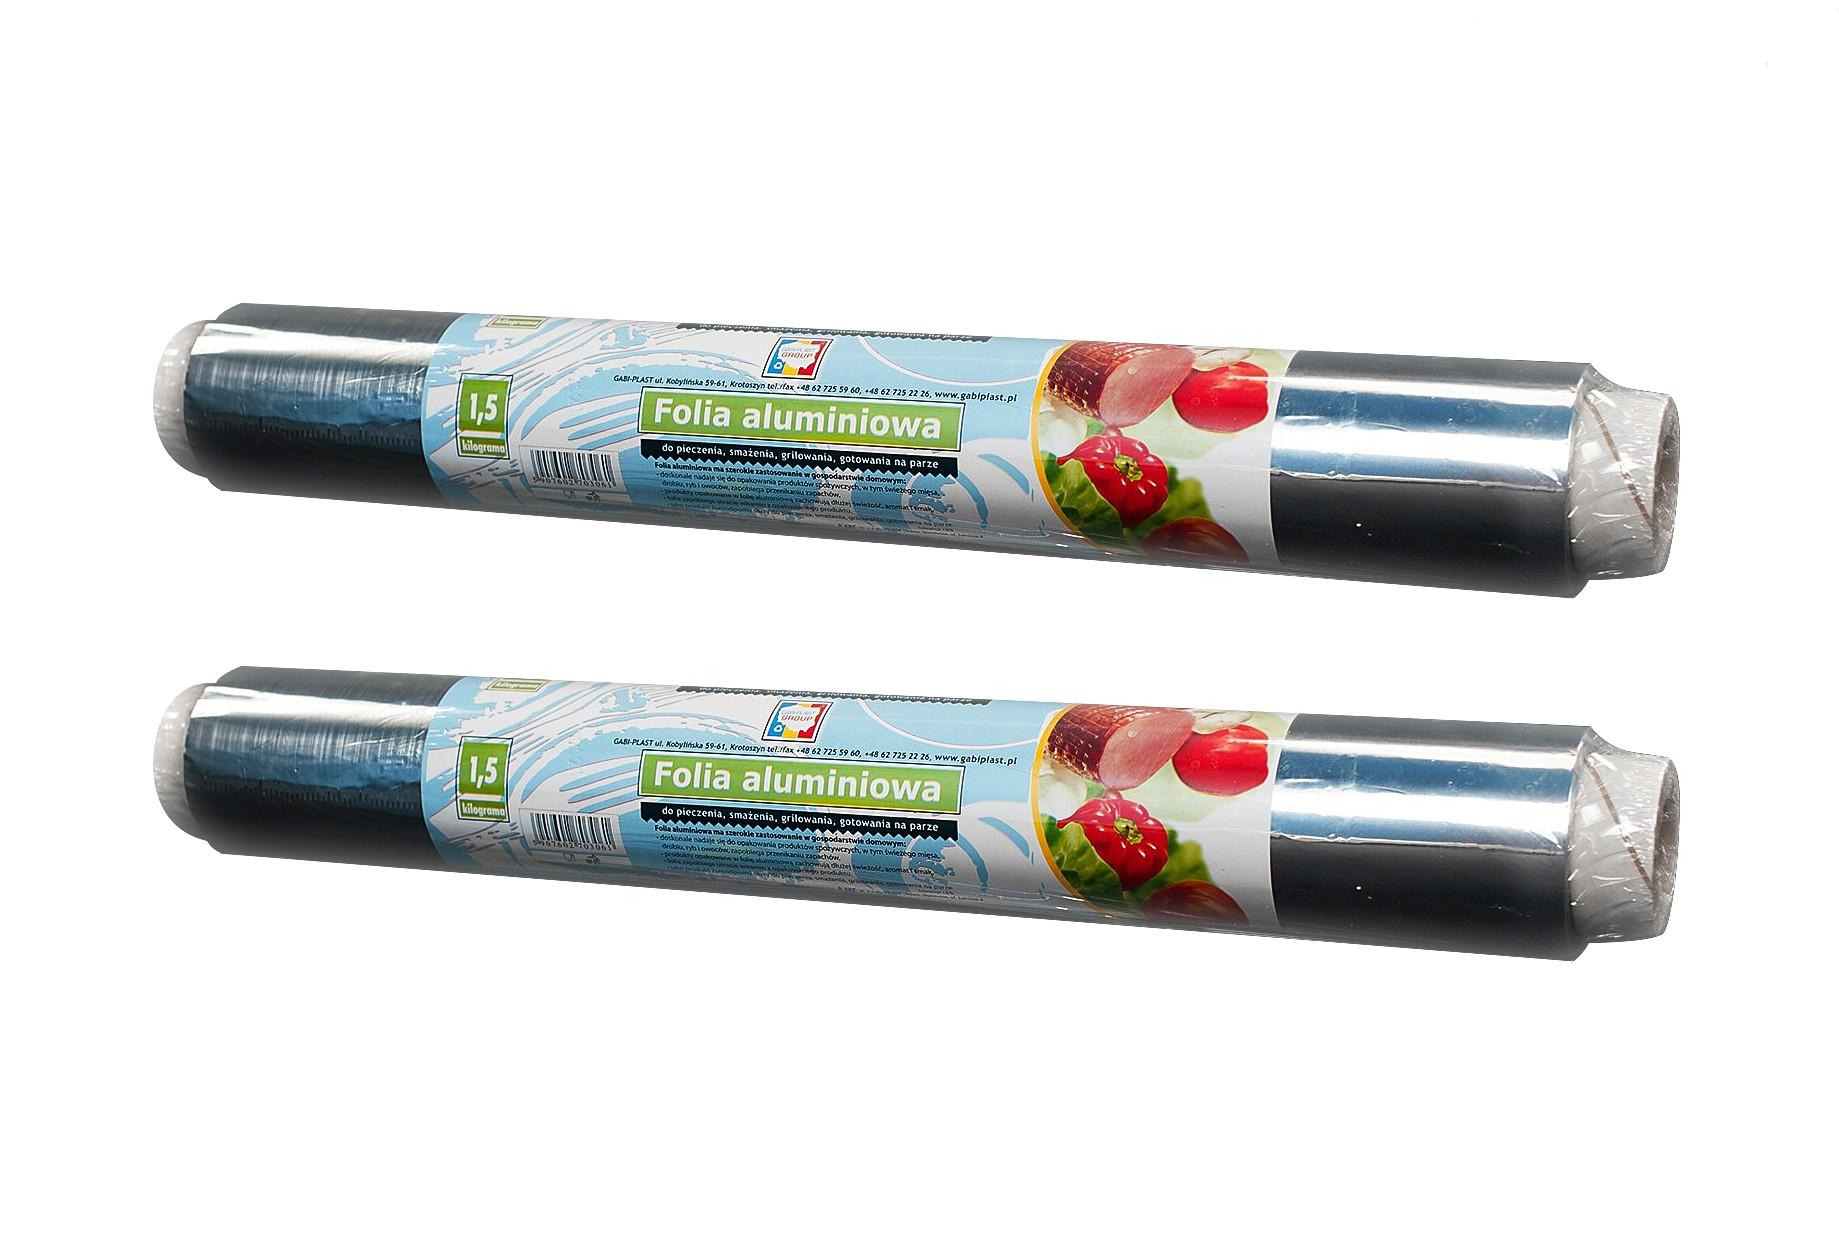 Алюминиевая фольга 44/150 пленки, общественного питания, пищевая